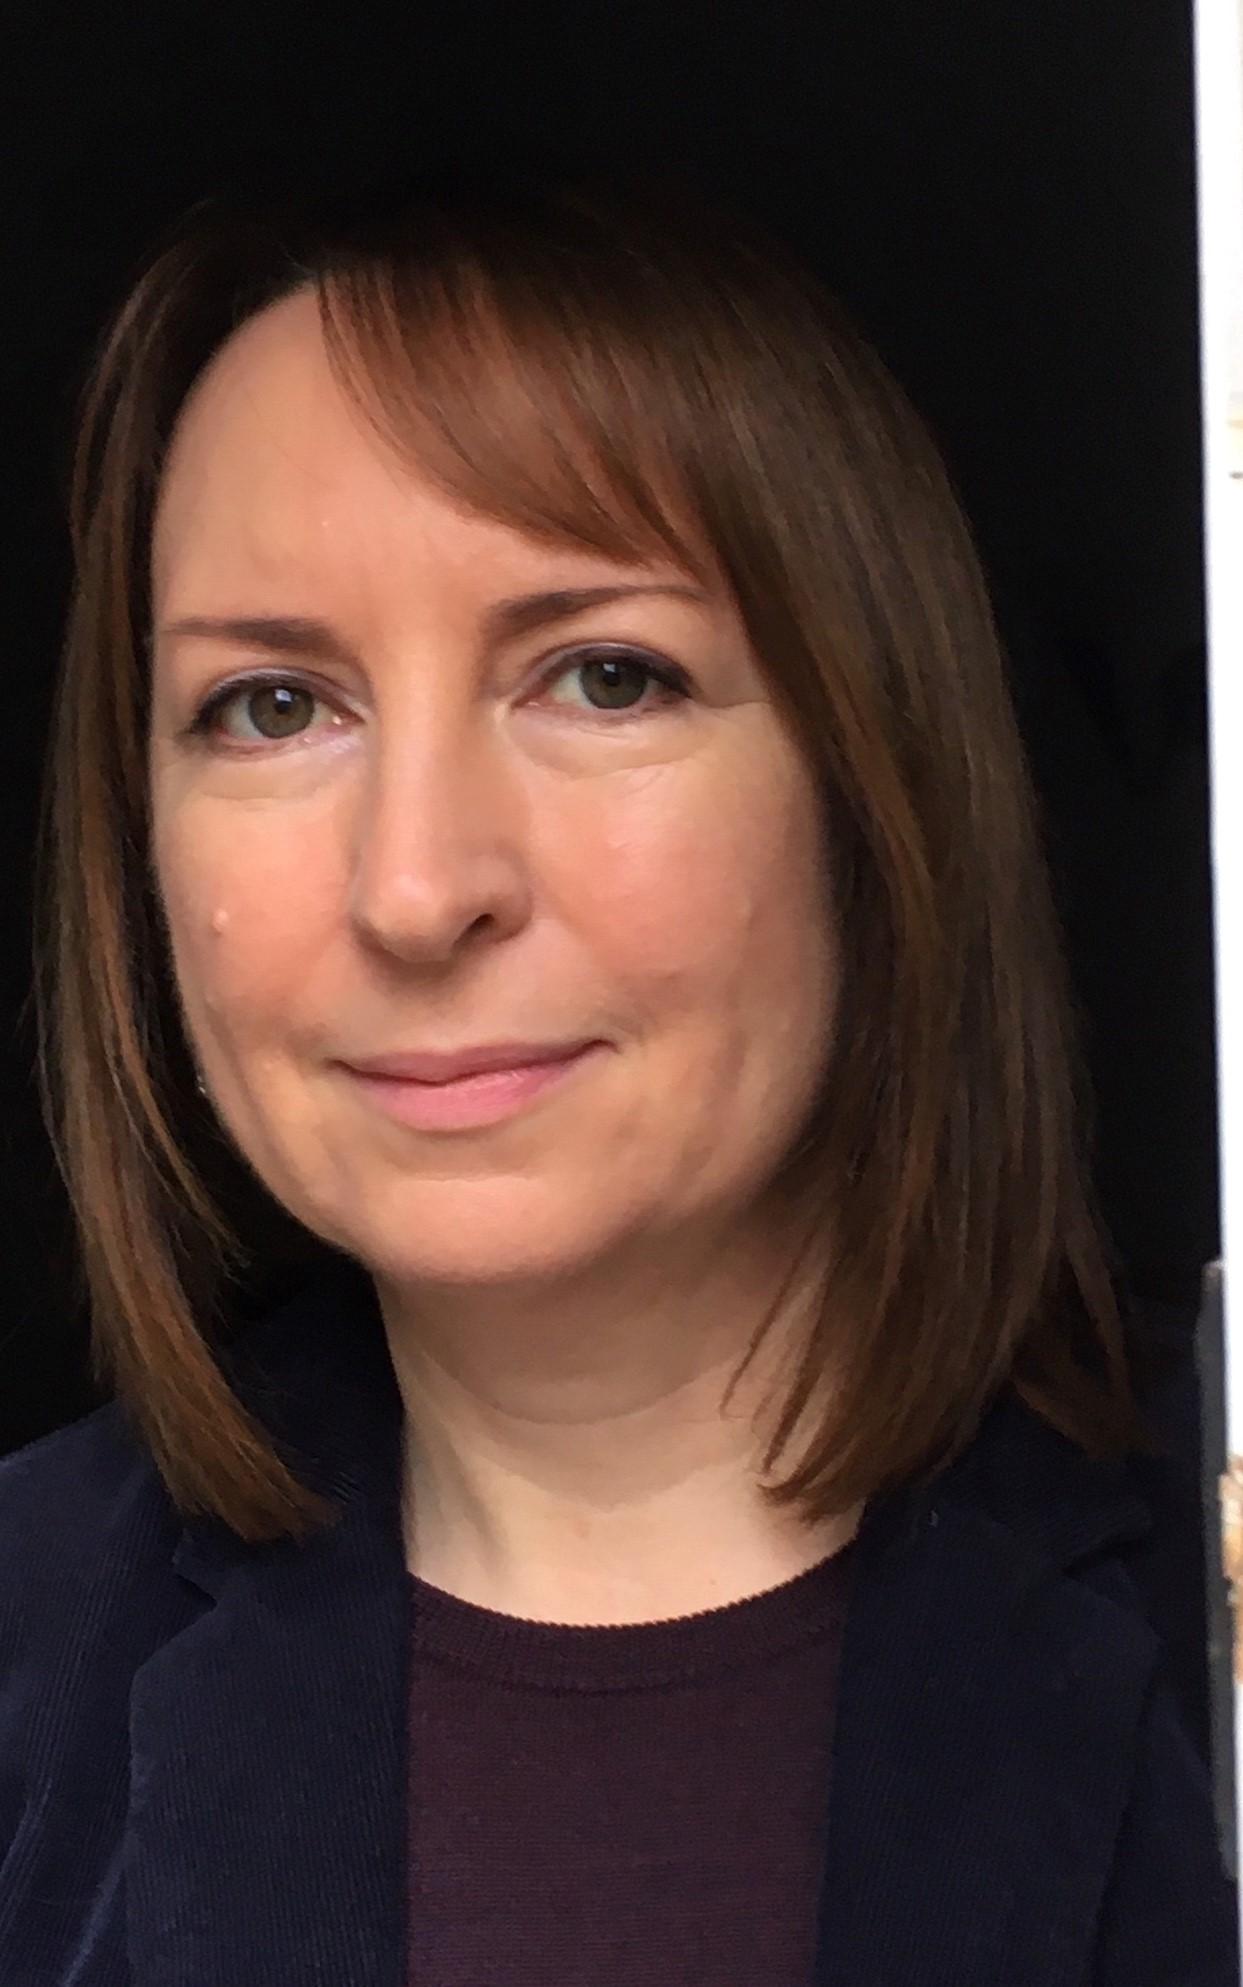 Siobhan Ray